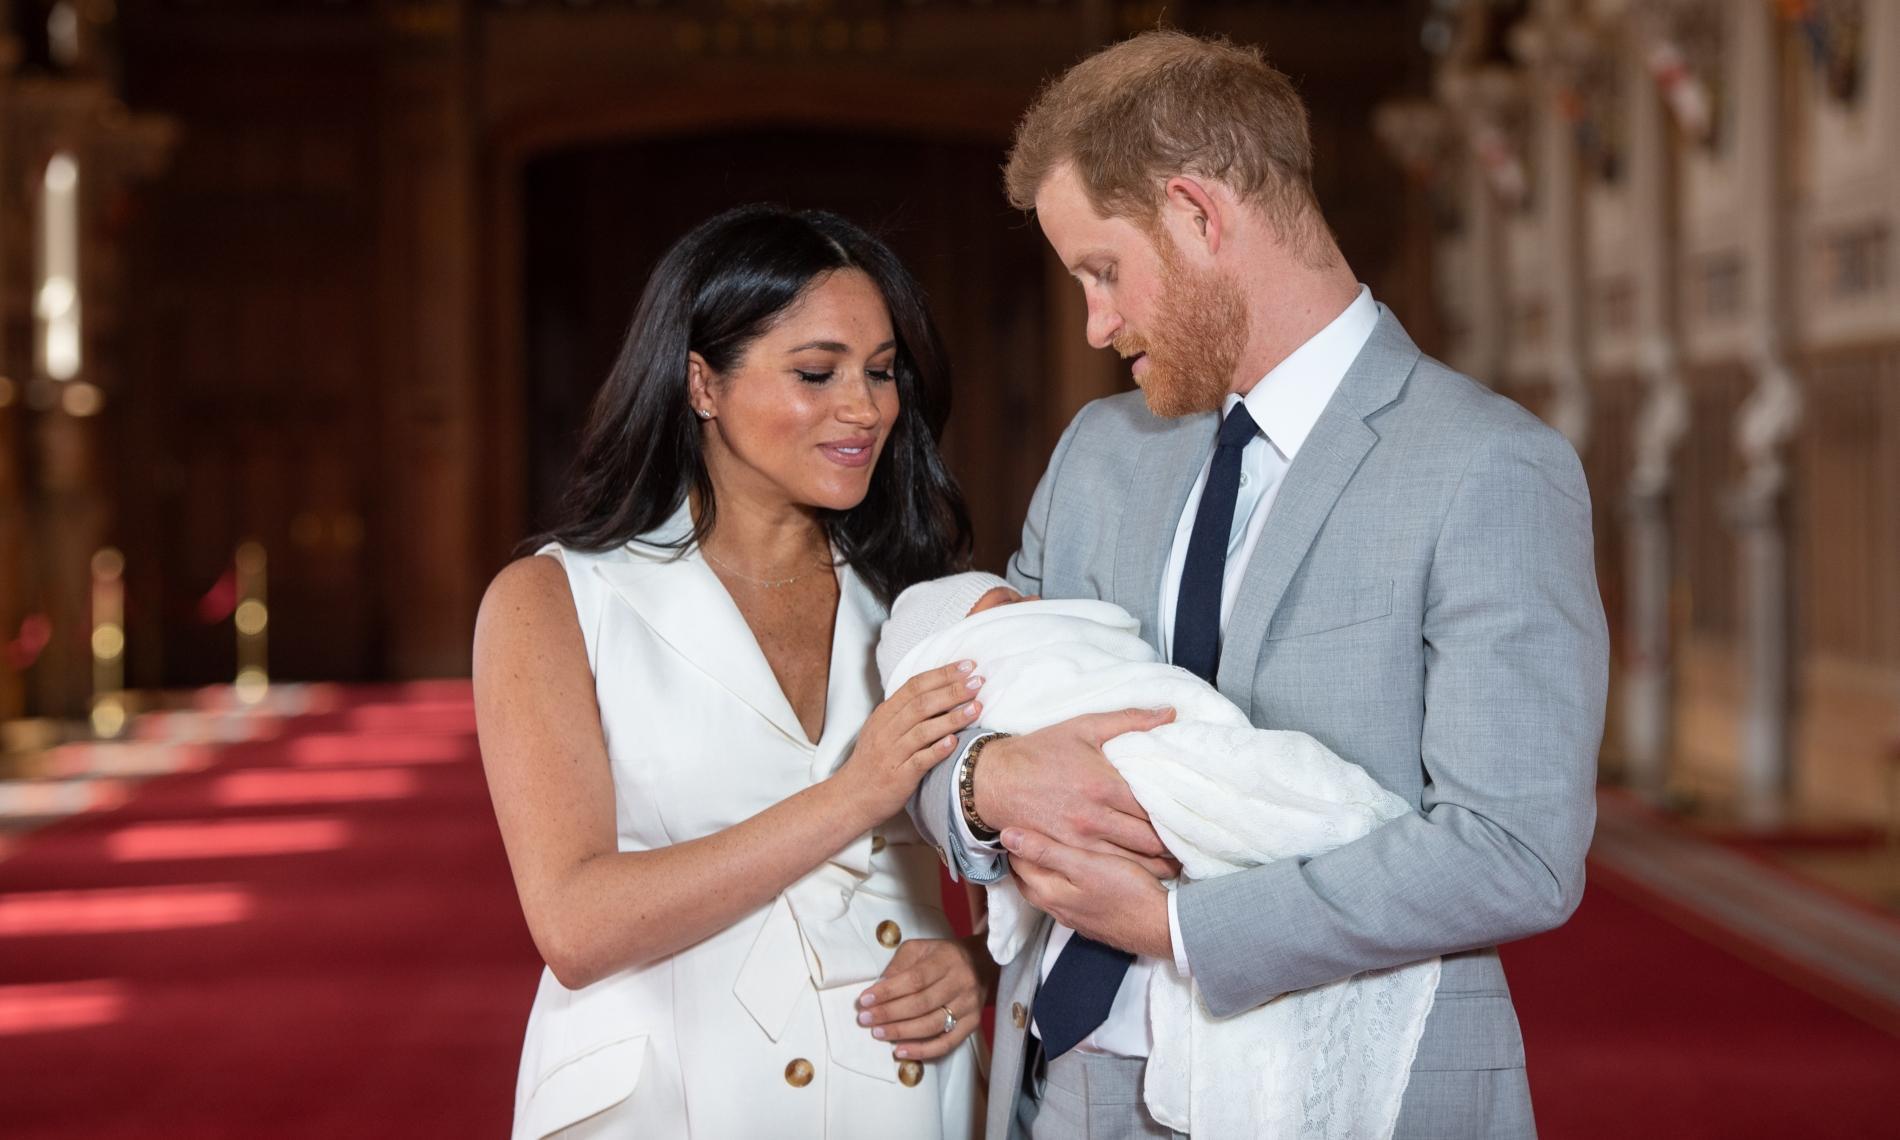 Meghan princesse, Archie Harrison sans titre : ce que l'on apprend dans le certificat de naissance du royal baby